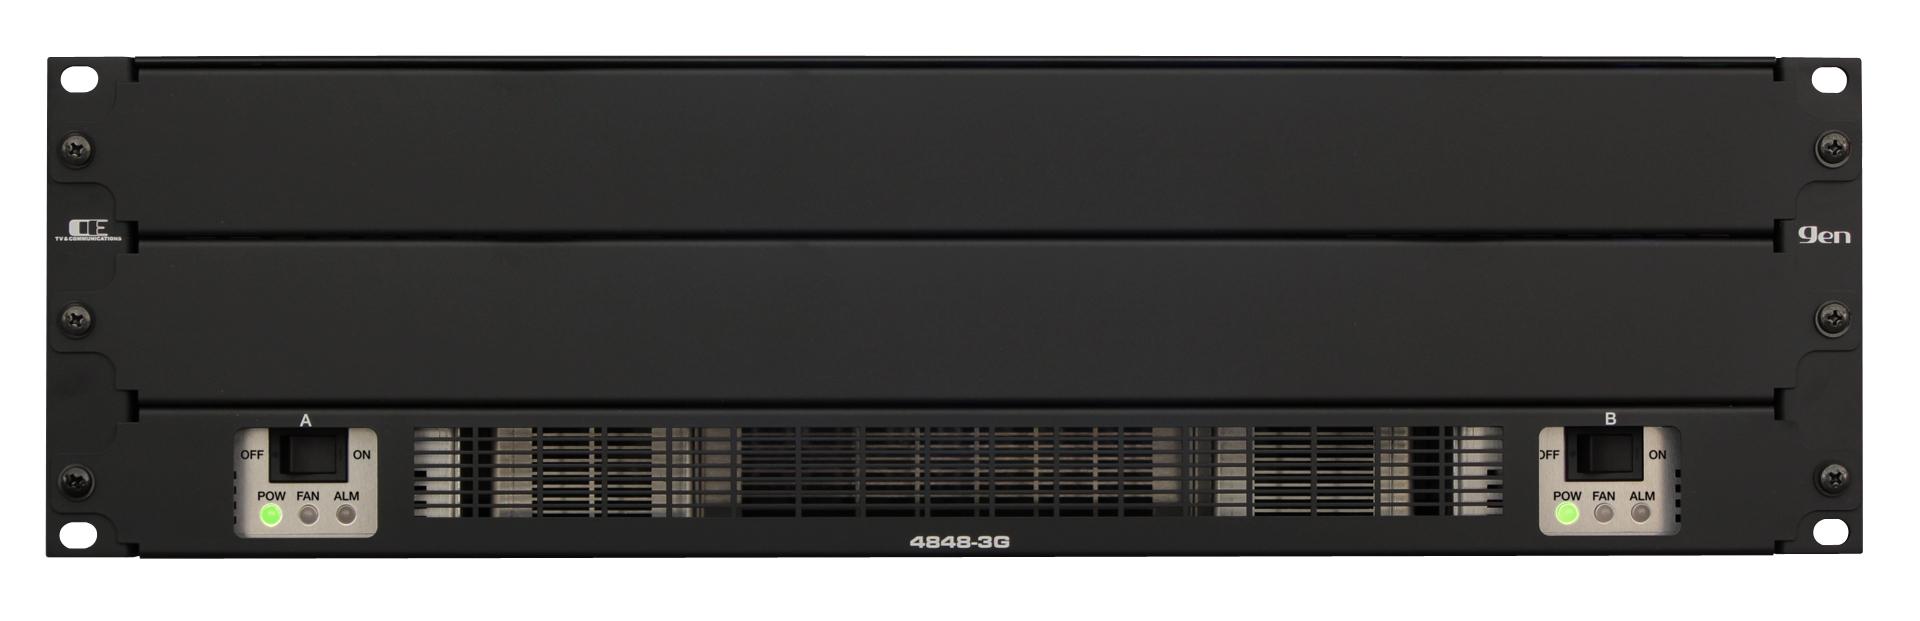 gen4848_3U_front_NCP_1920